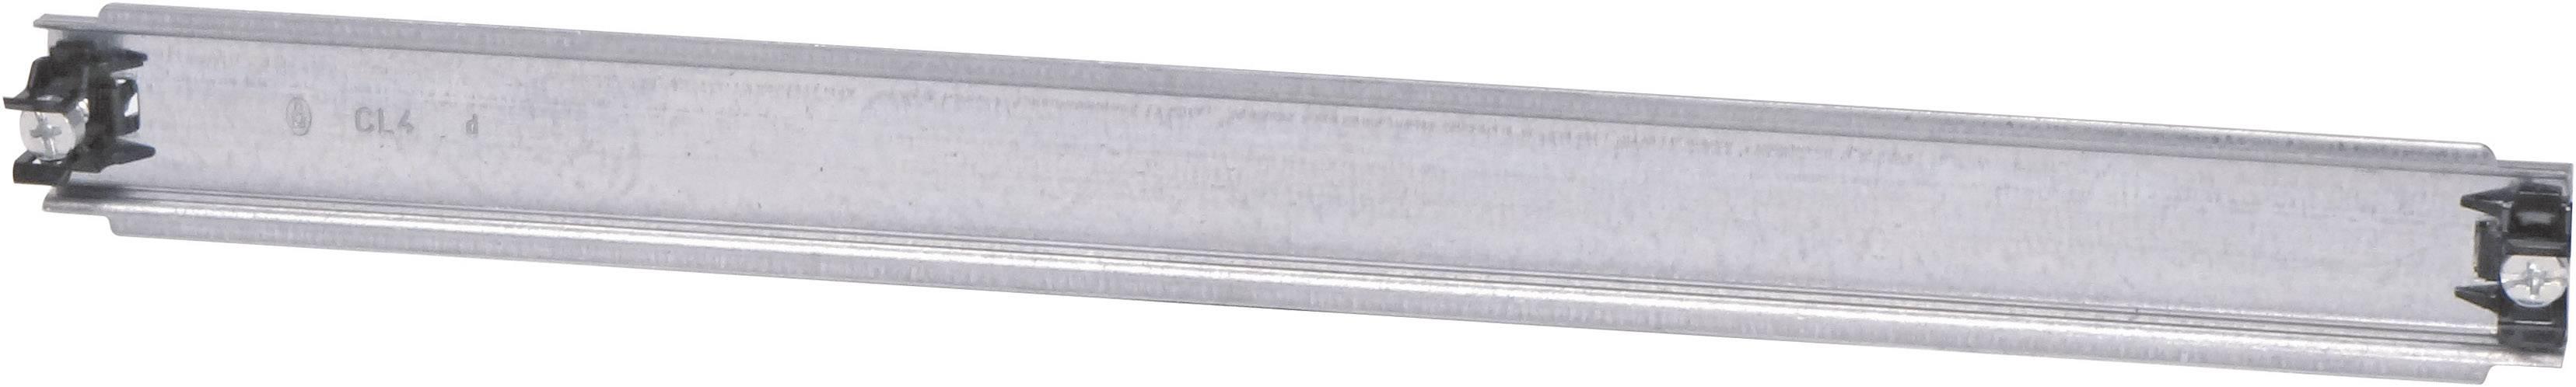 Kolejnice Eaton CL4, 375 mm, ocelový plech, 1 ks